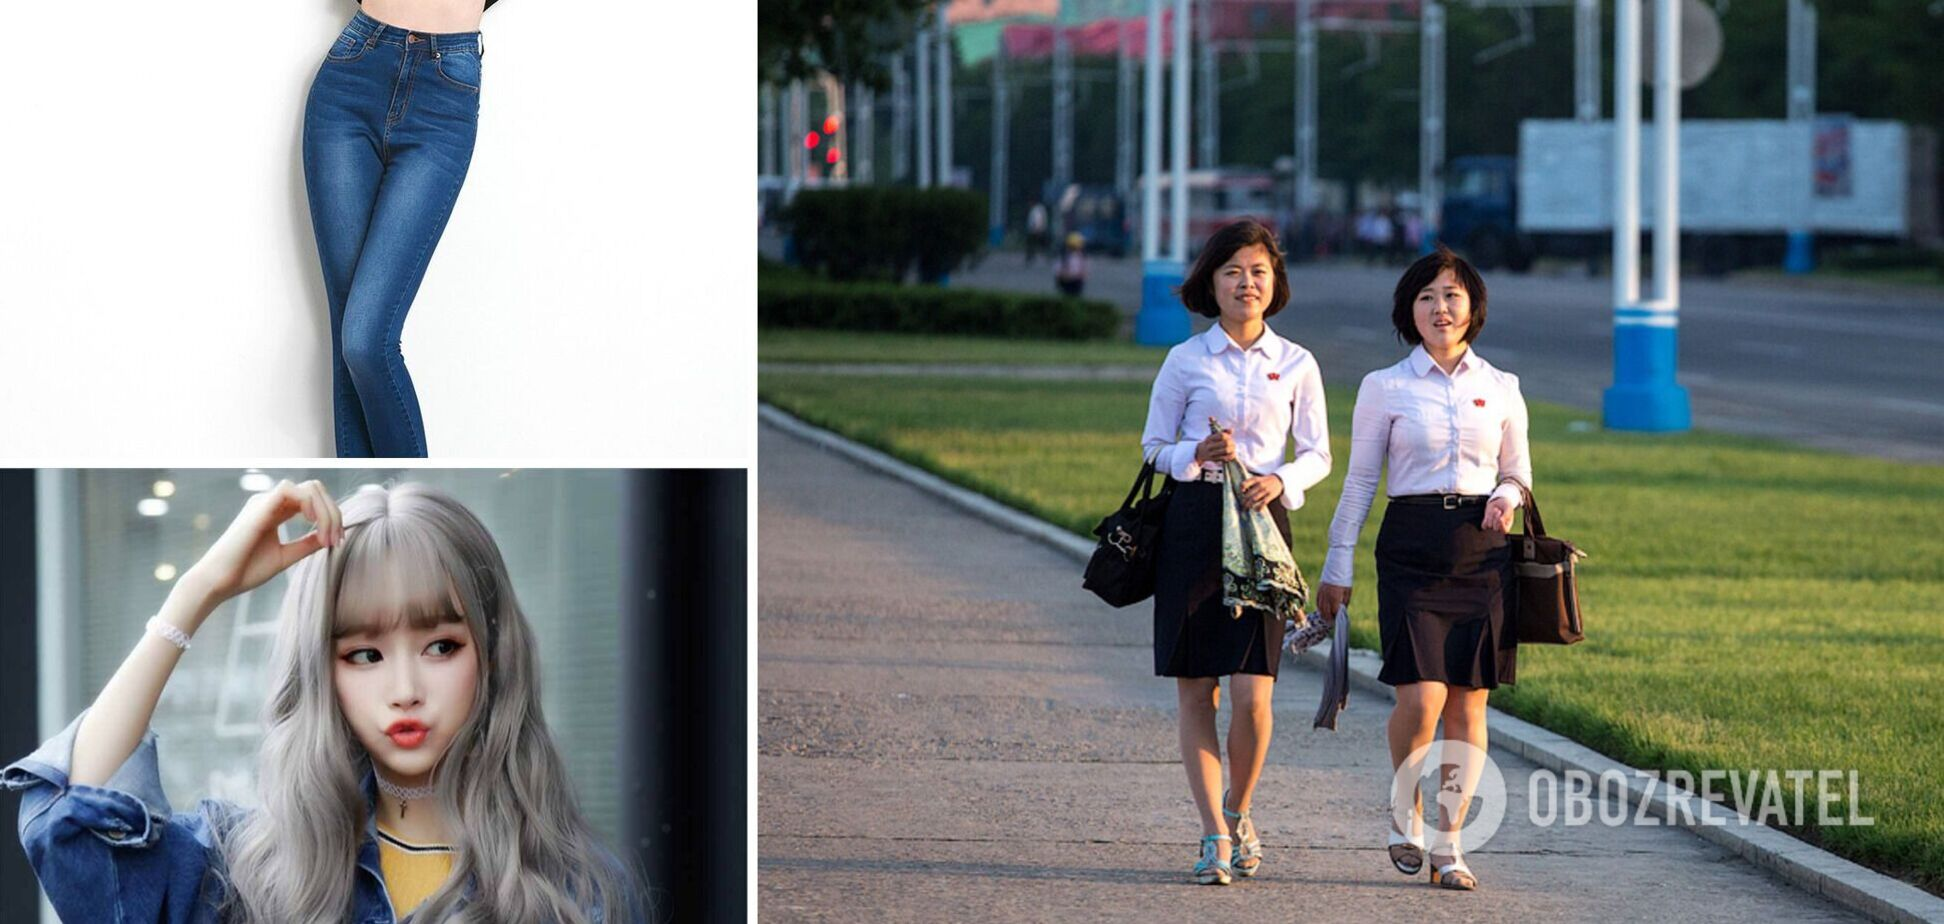 В Северной Корее действуют строгие правила дресс-кода